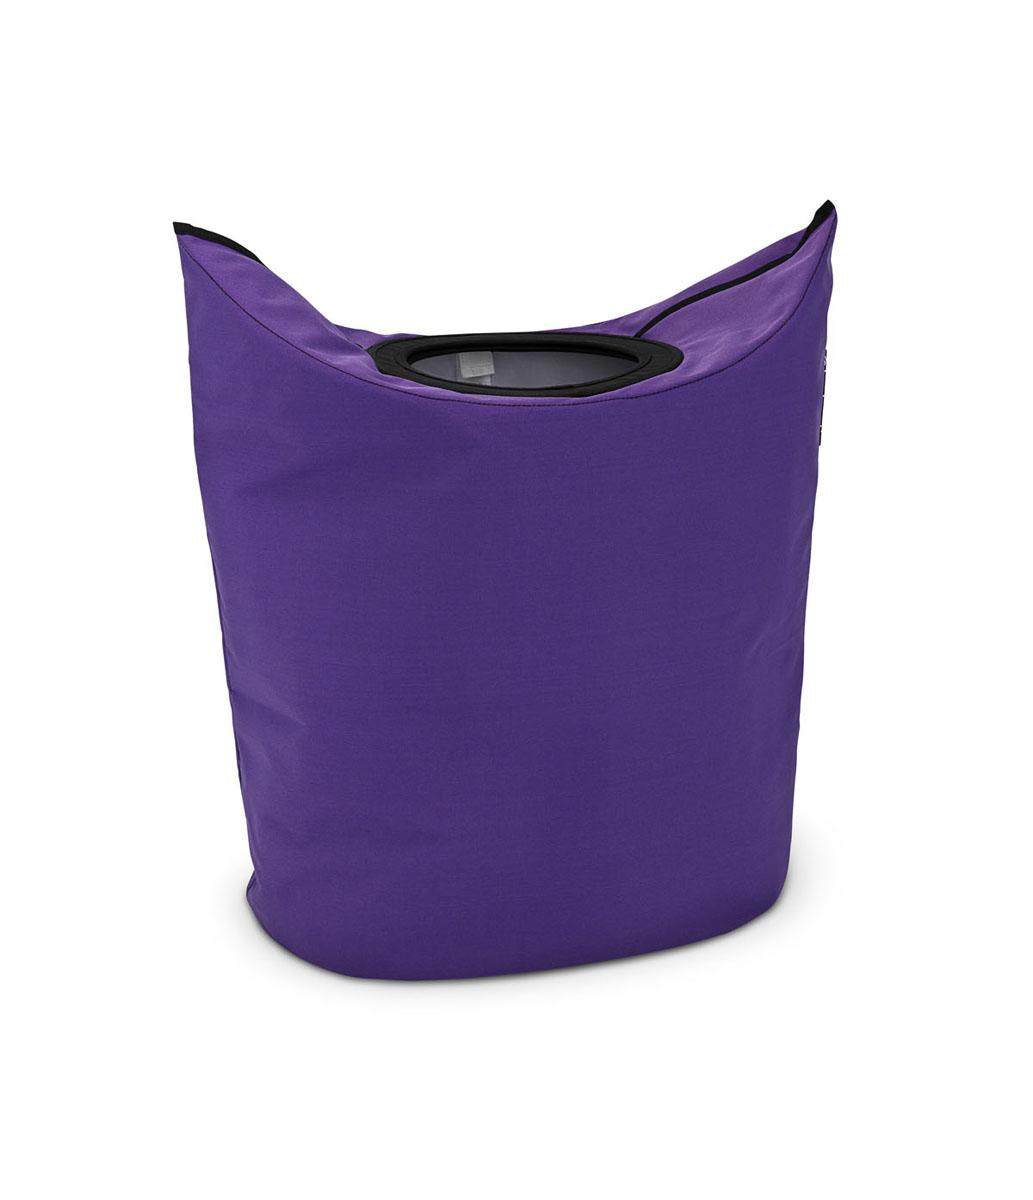 Сумка для белья Brabantia, овальная, цвет: фиолетовый, 50 л. 101168101168Оригинальная сумка для белья экономит место и превращает вашу стирку в увлекательное занятие. С помощью складывающихся магнитных ручек сумка закрывается и превращается в корзину для белья с загрузочным отверстием. Собрались стирать? Поднимите ручки, и ваша сумка готова к использованию. Загрузочное отверстие для быстрой загрузки белья просто сложите магнитные ручки.Большие удобные ручки для переноски. Удобно загружать белье в стиральную машину - большая вместимость и широкое отверстие. 2 года гарантии Brabantia.